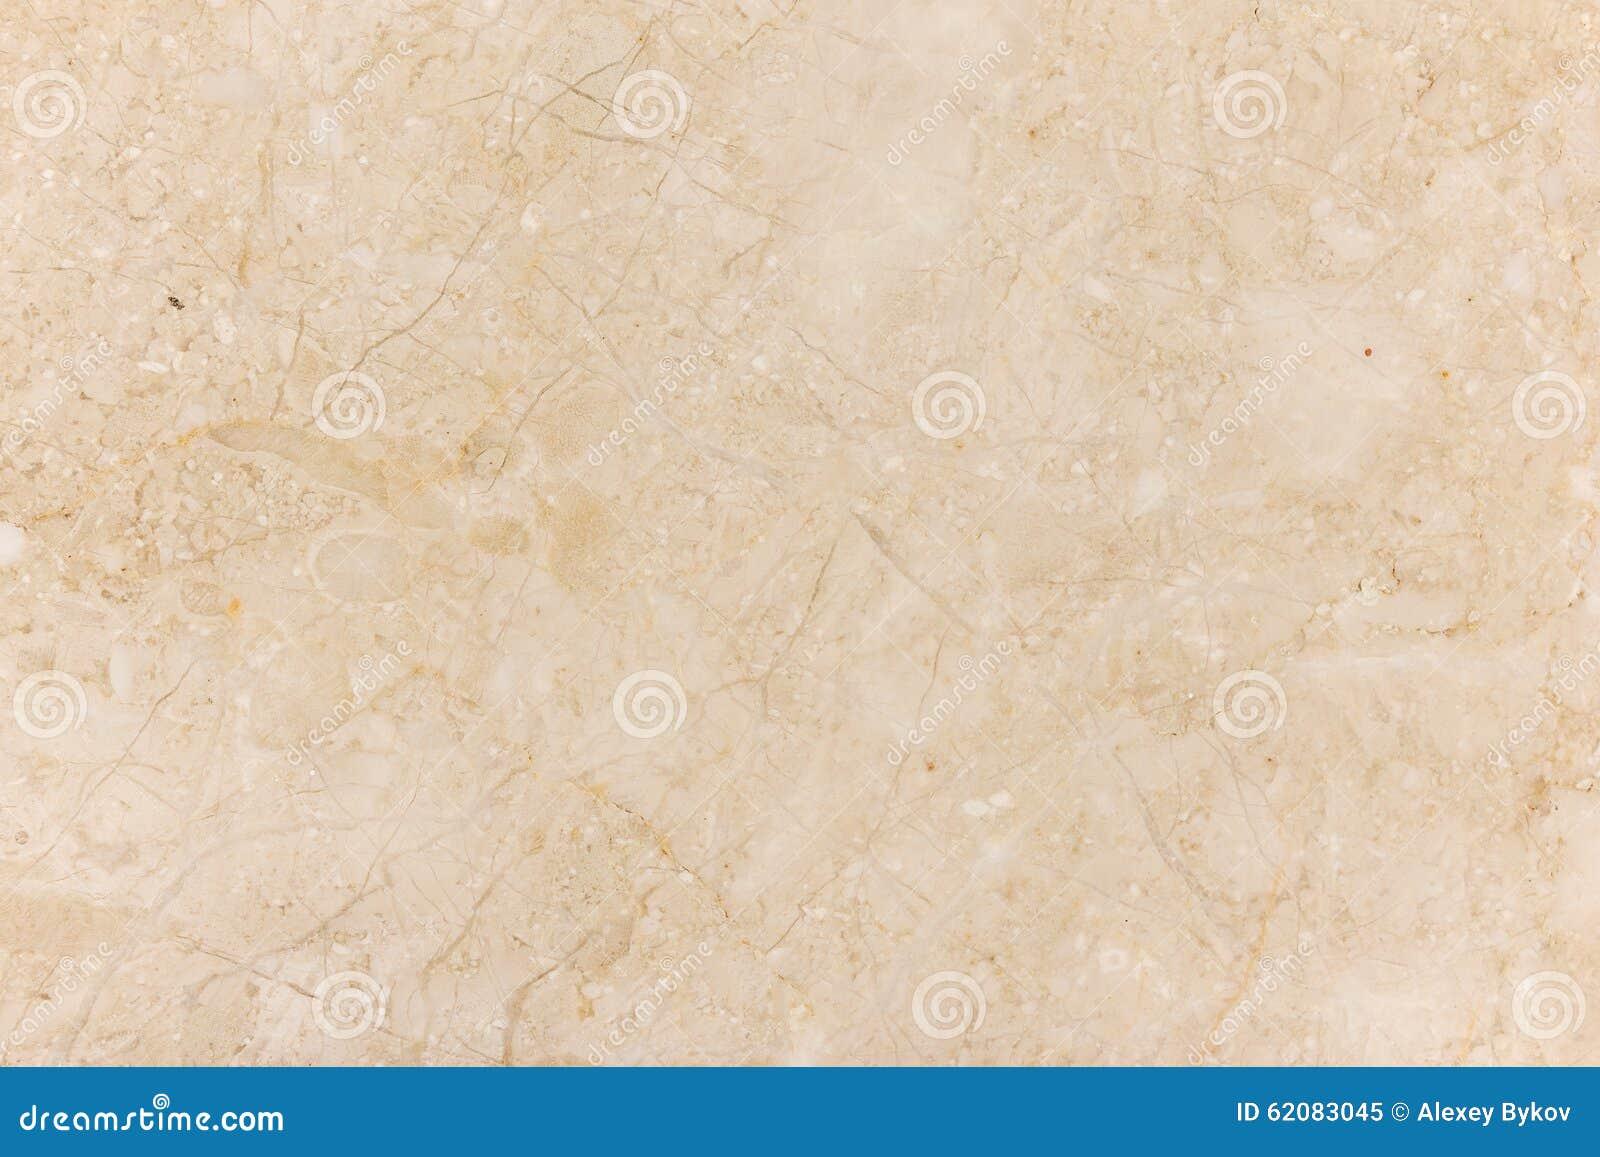 Beige marmer met natuurlijk patroon stock afbeelding afbeelding 62083045 - Type marmer met foto ...